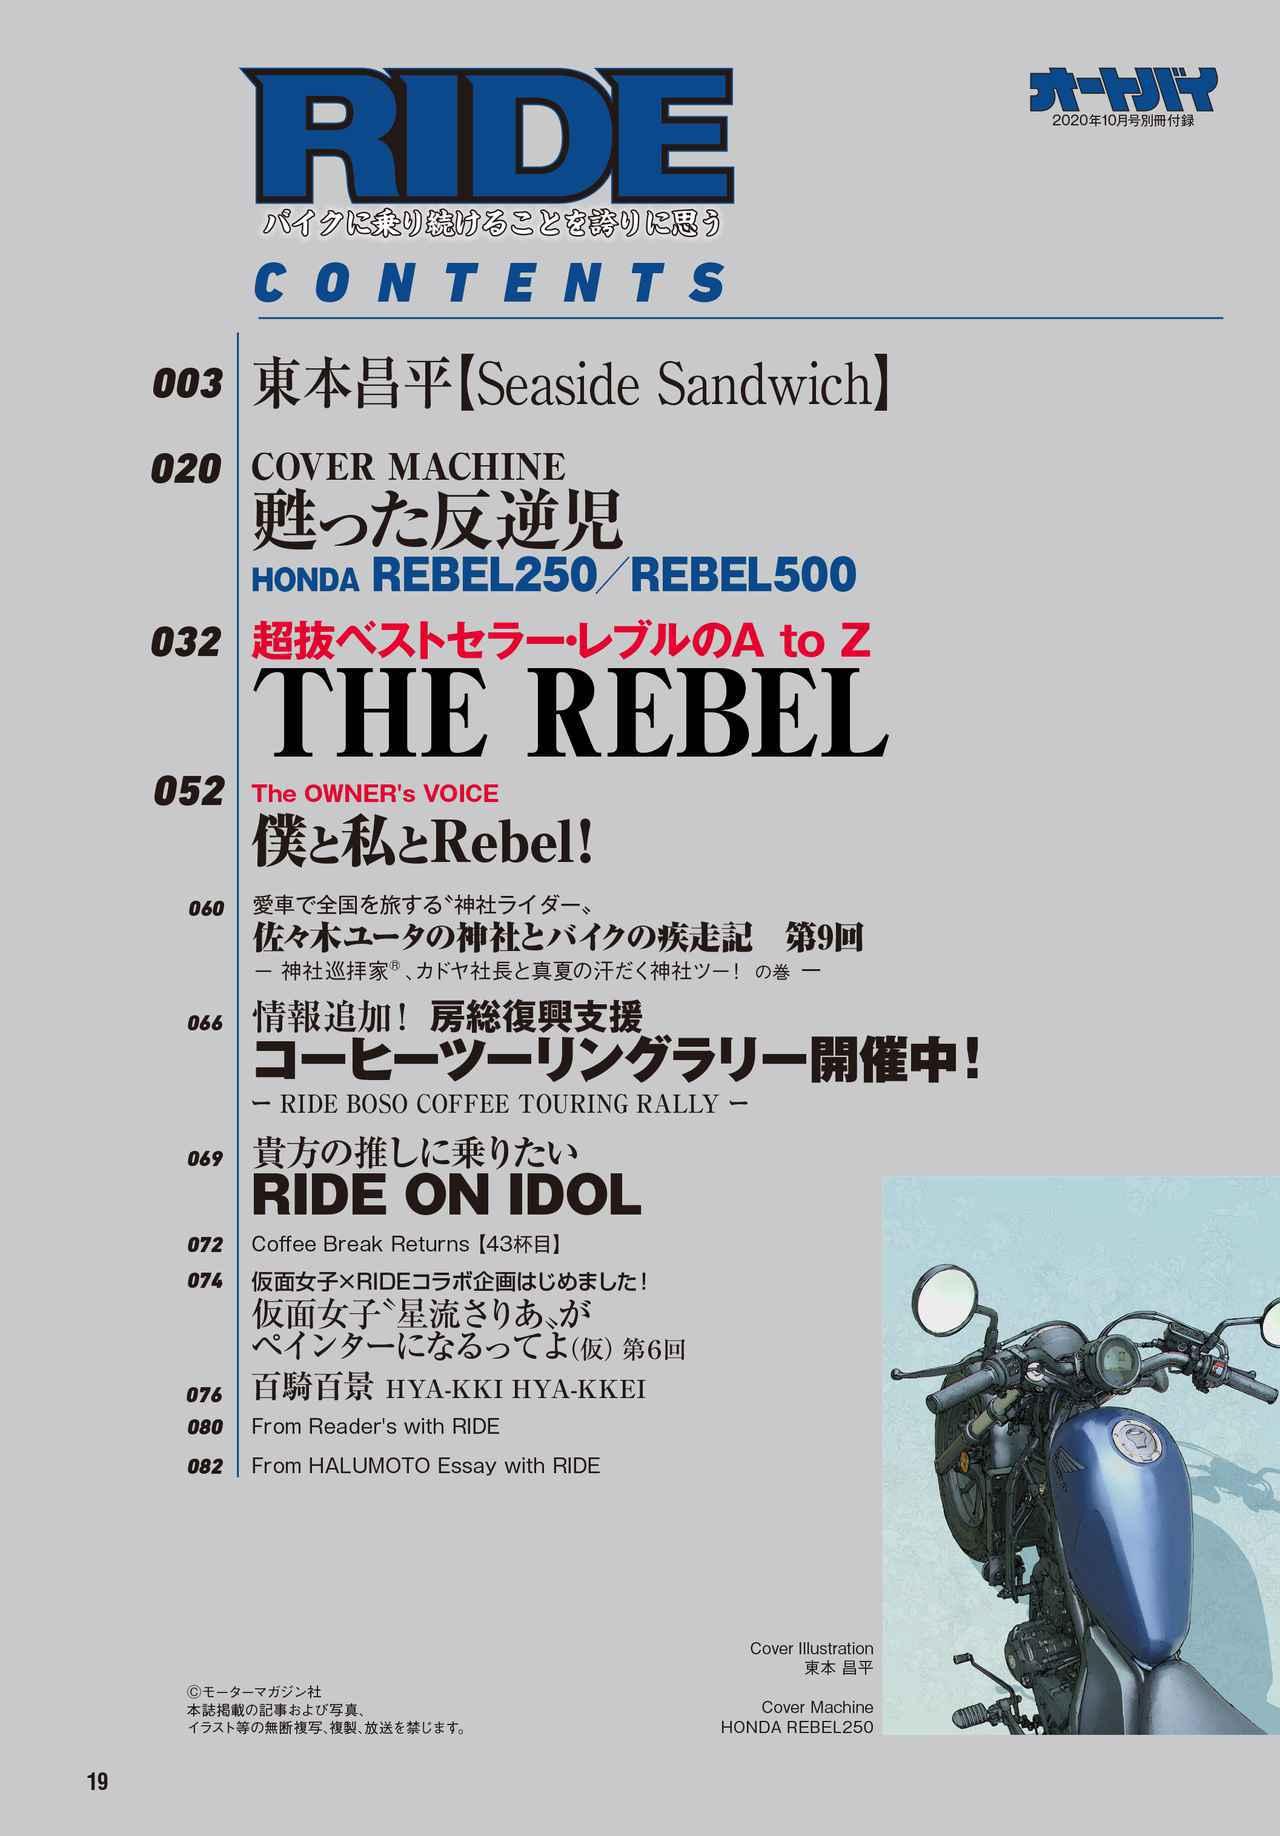 画像4: 「ジャパン・バイク・オブ・ザ・イヤー 2020」の結果が分かる『オートバイ』10月号は「RIDE」と「国産車総図鑑」の3冊セットで好評発売中